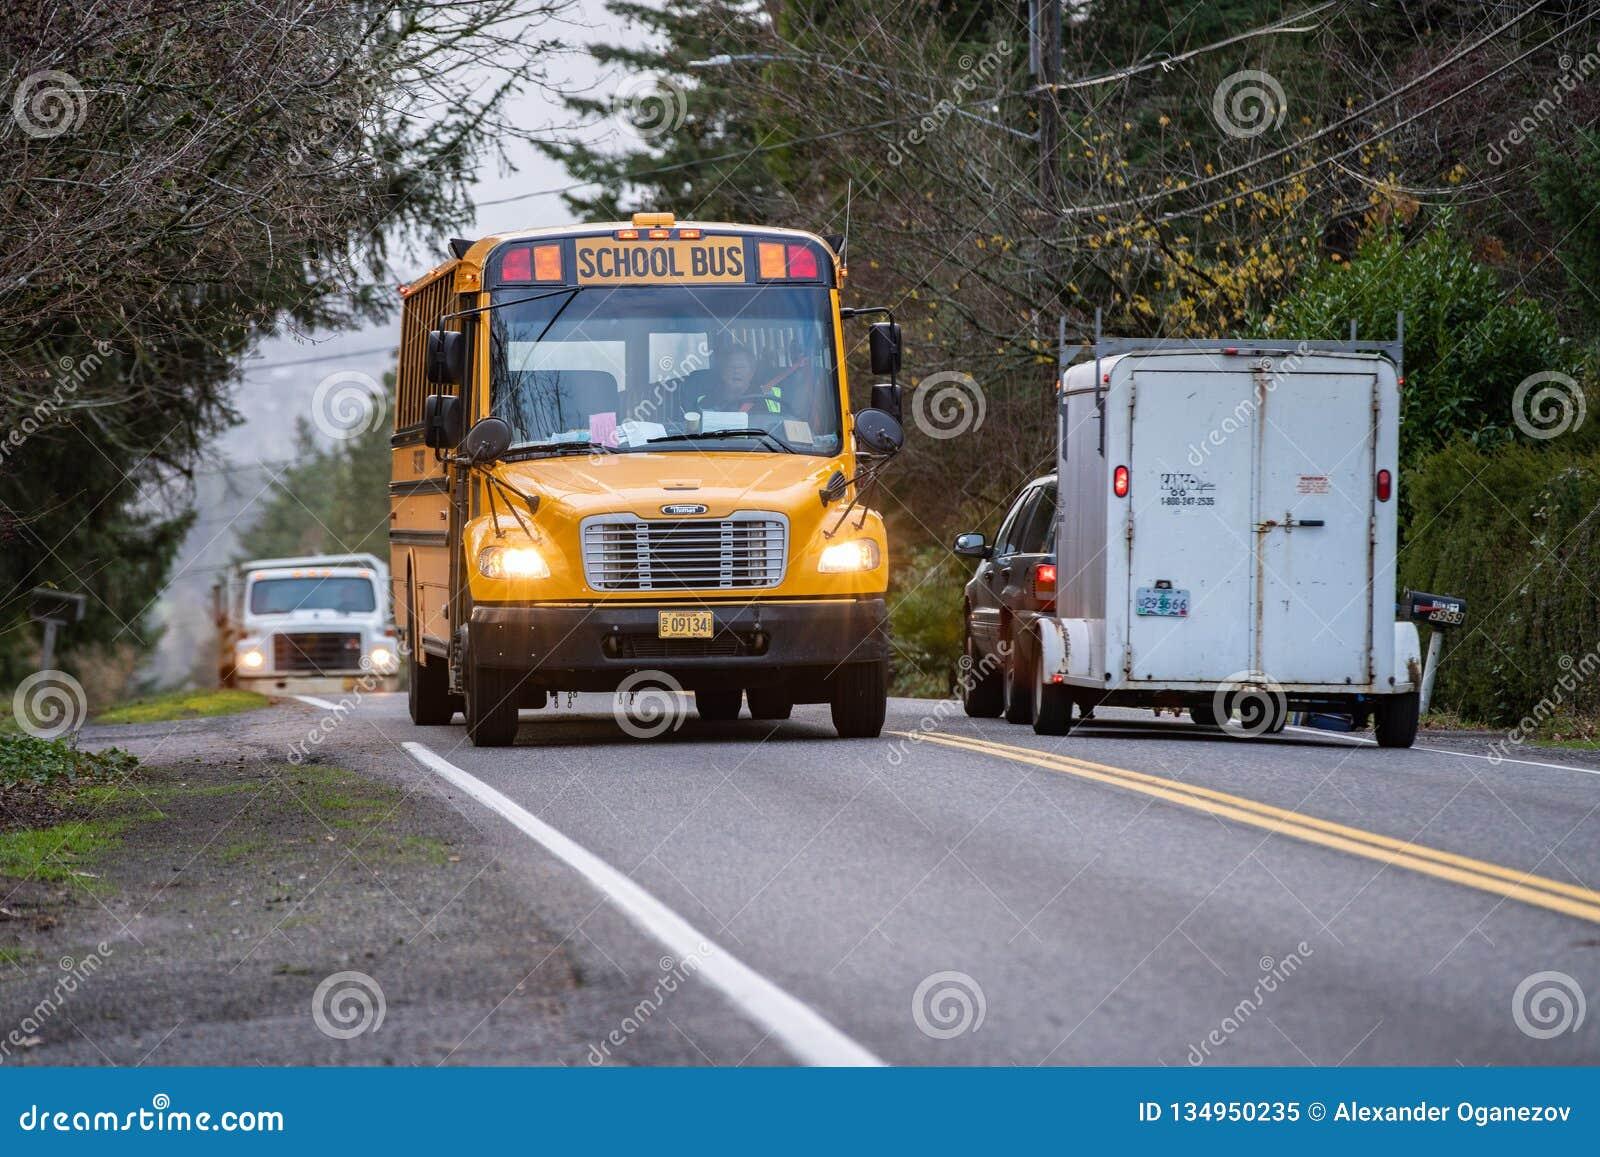 Gul skolbuss som kör på en gata